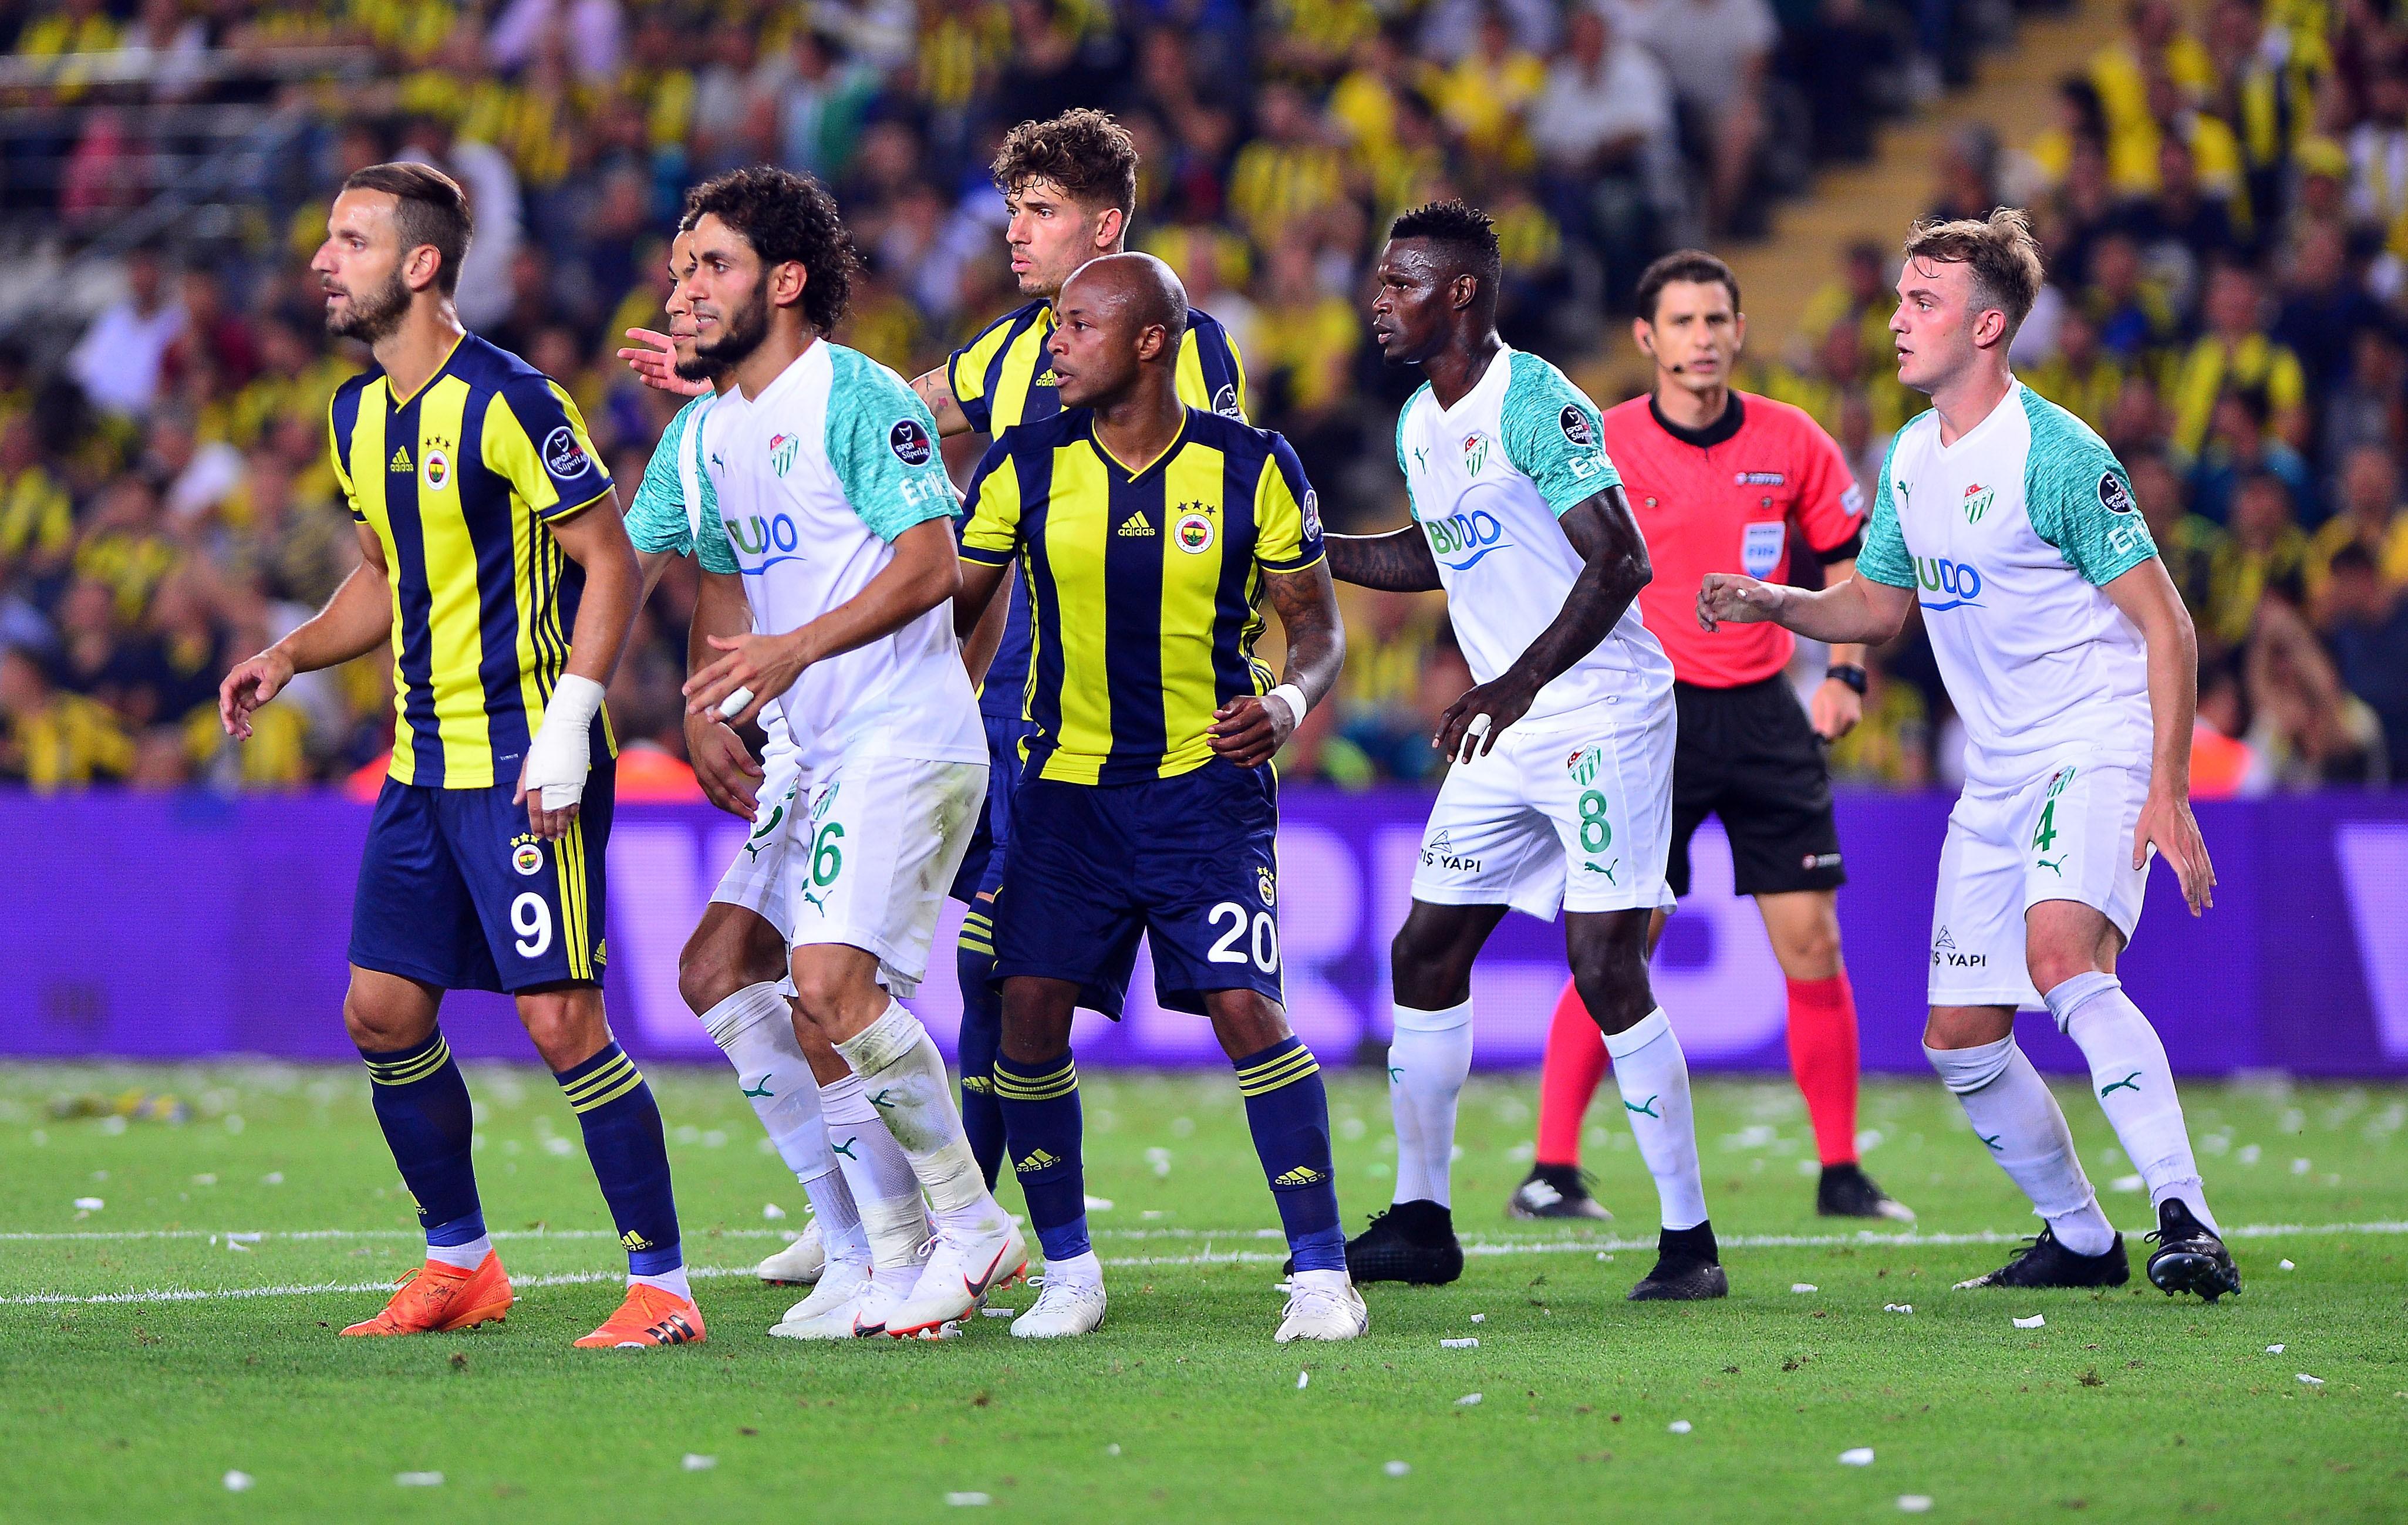 Fenerbahçe - Bursaspor maçı yazar yorumları: 'Efsane geri döndü'